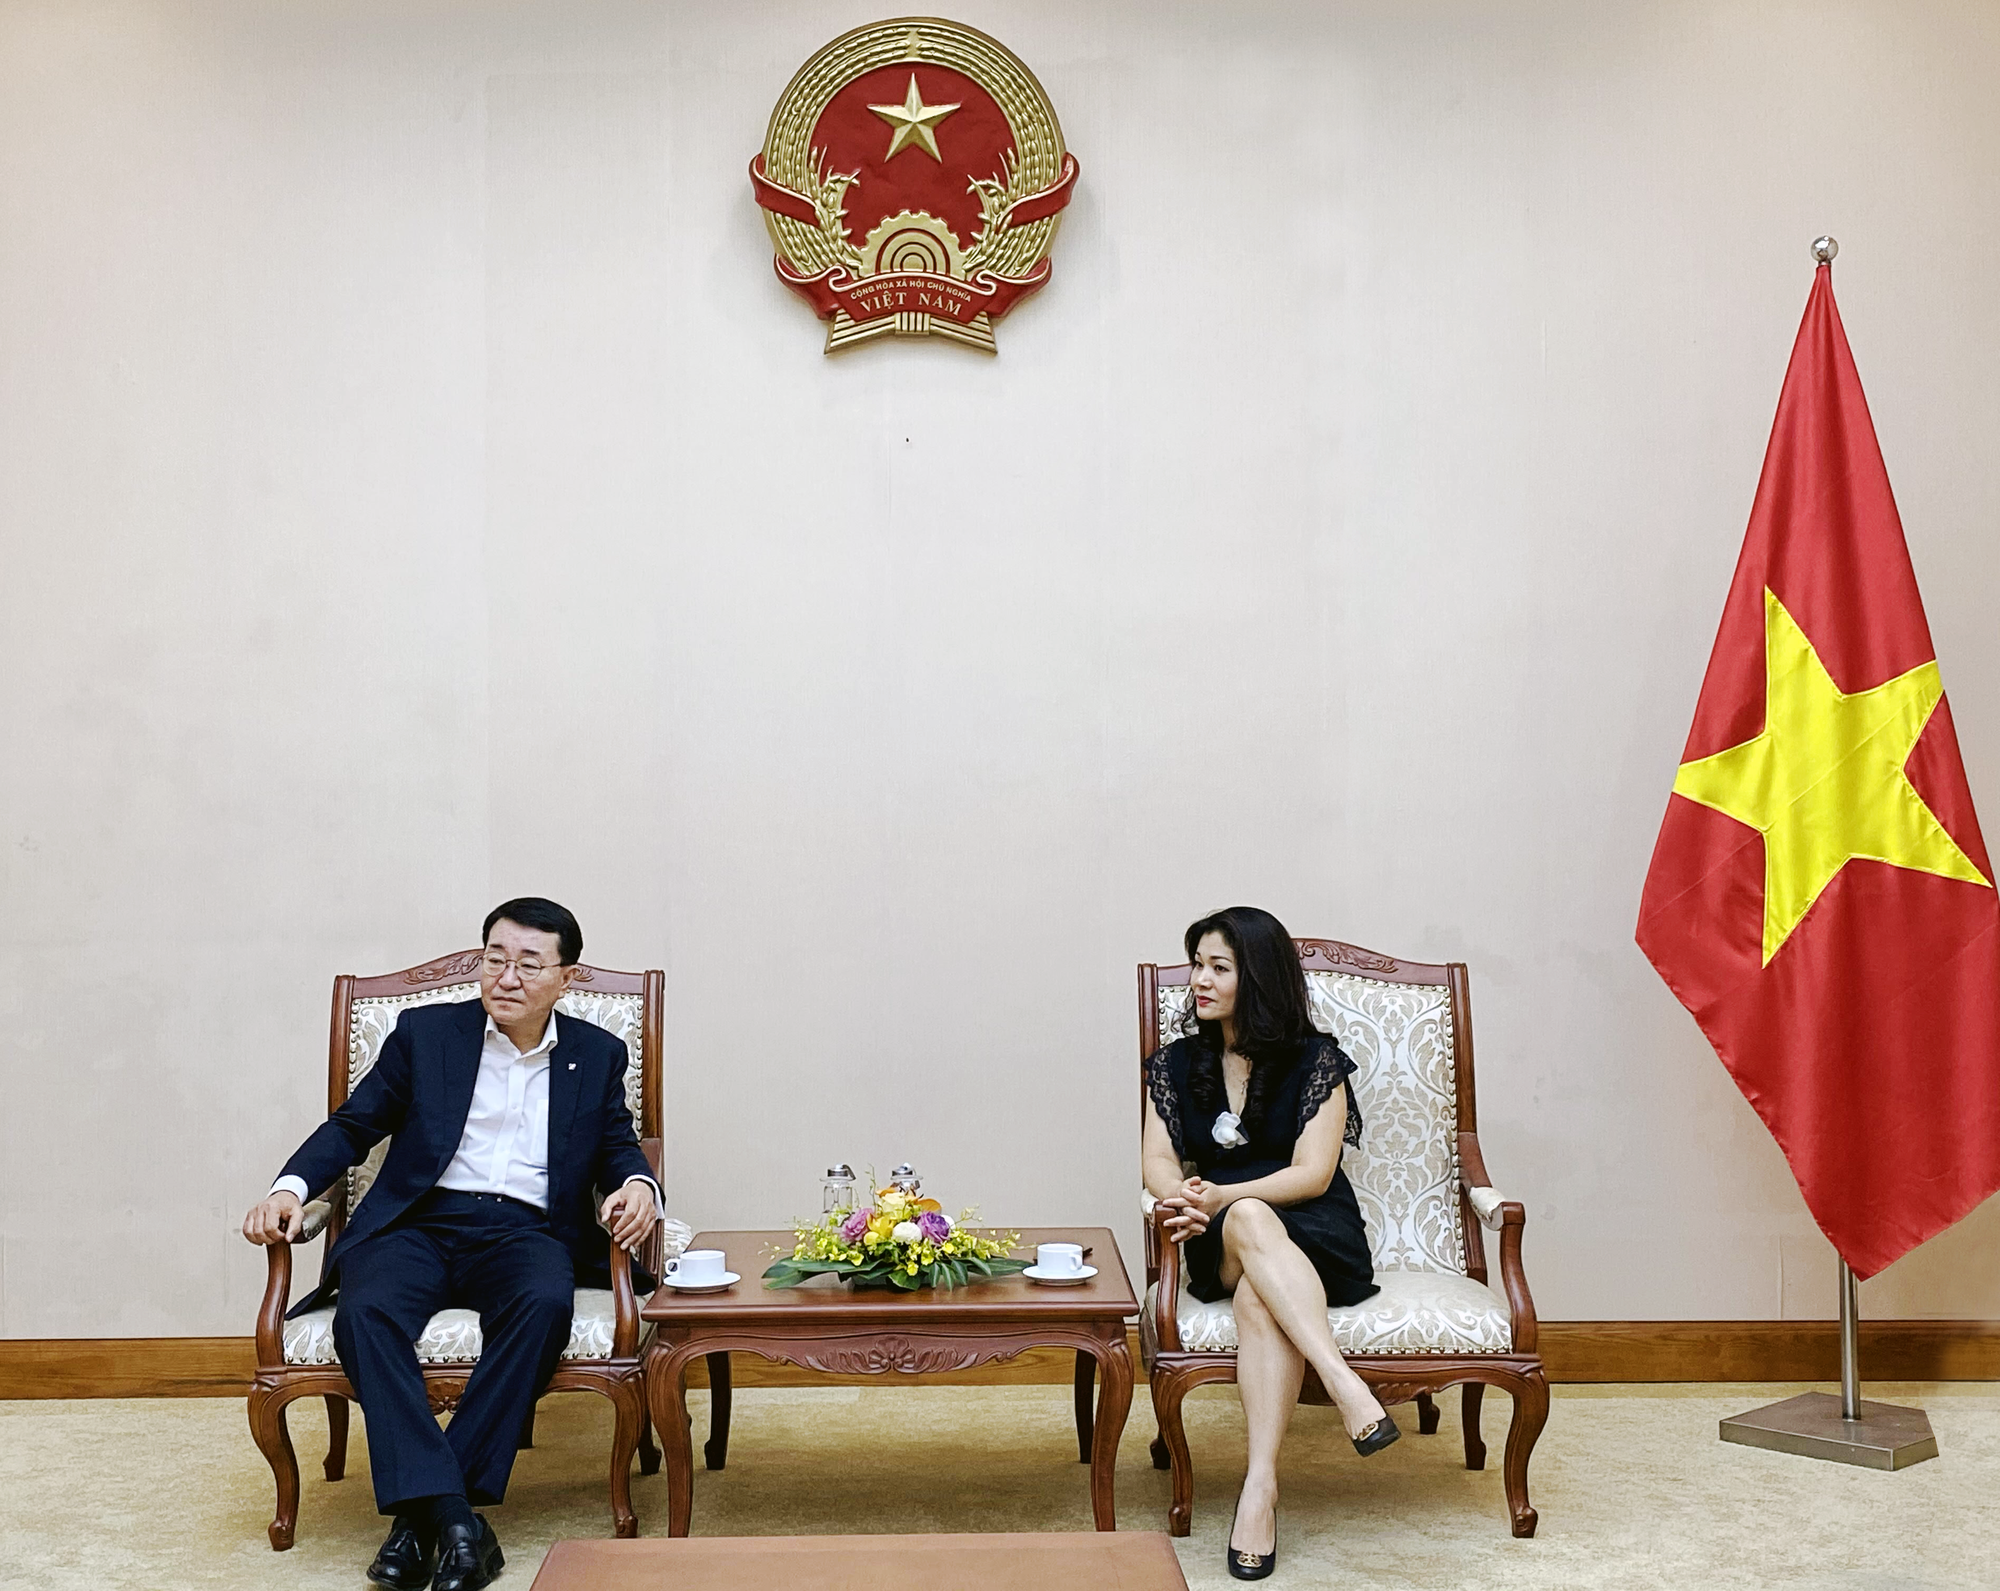 Cục trưởng Cục Hợp tác quốc tế Nguyễn Phương Hòa tiếp ông Chang Bok Sang, Chủ tịch Tập đoàn CJ Việt Nam - Ảnh 1.